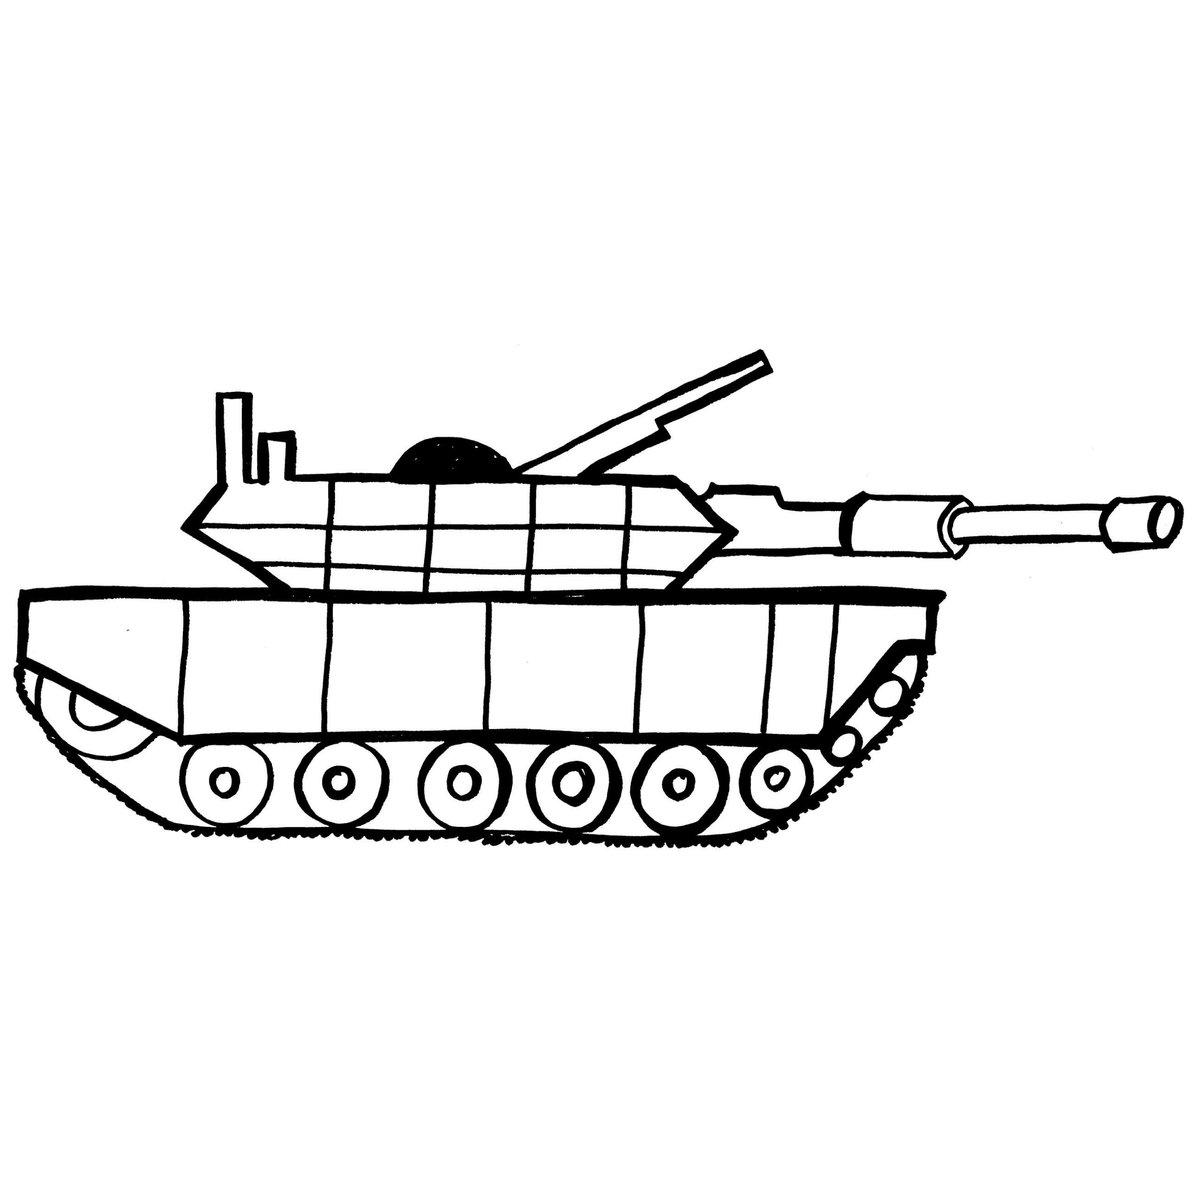 Картинки танков для срисовки легкие